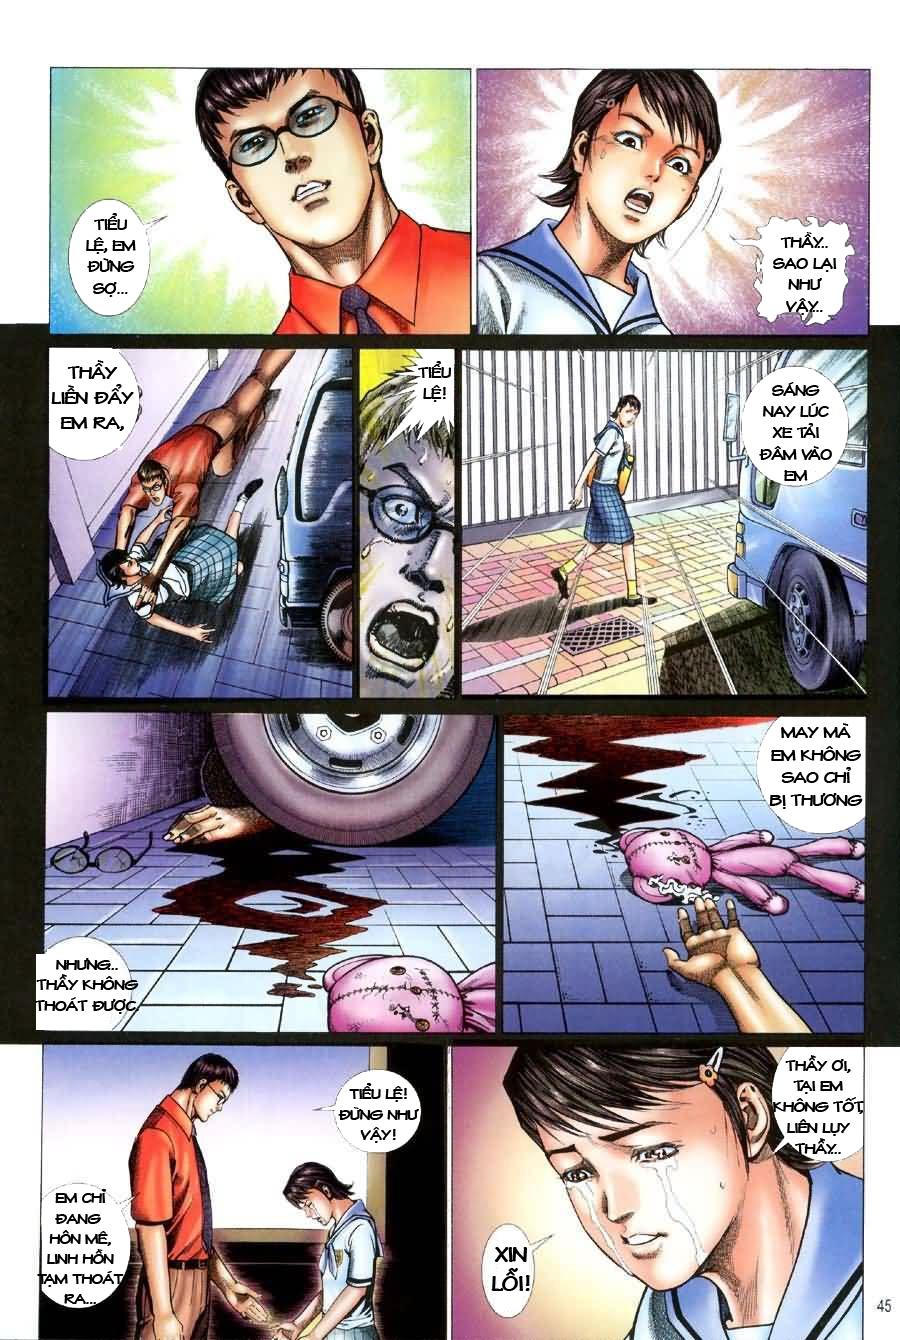 Quỷ Mộ chap 001 trang 45